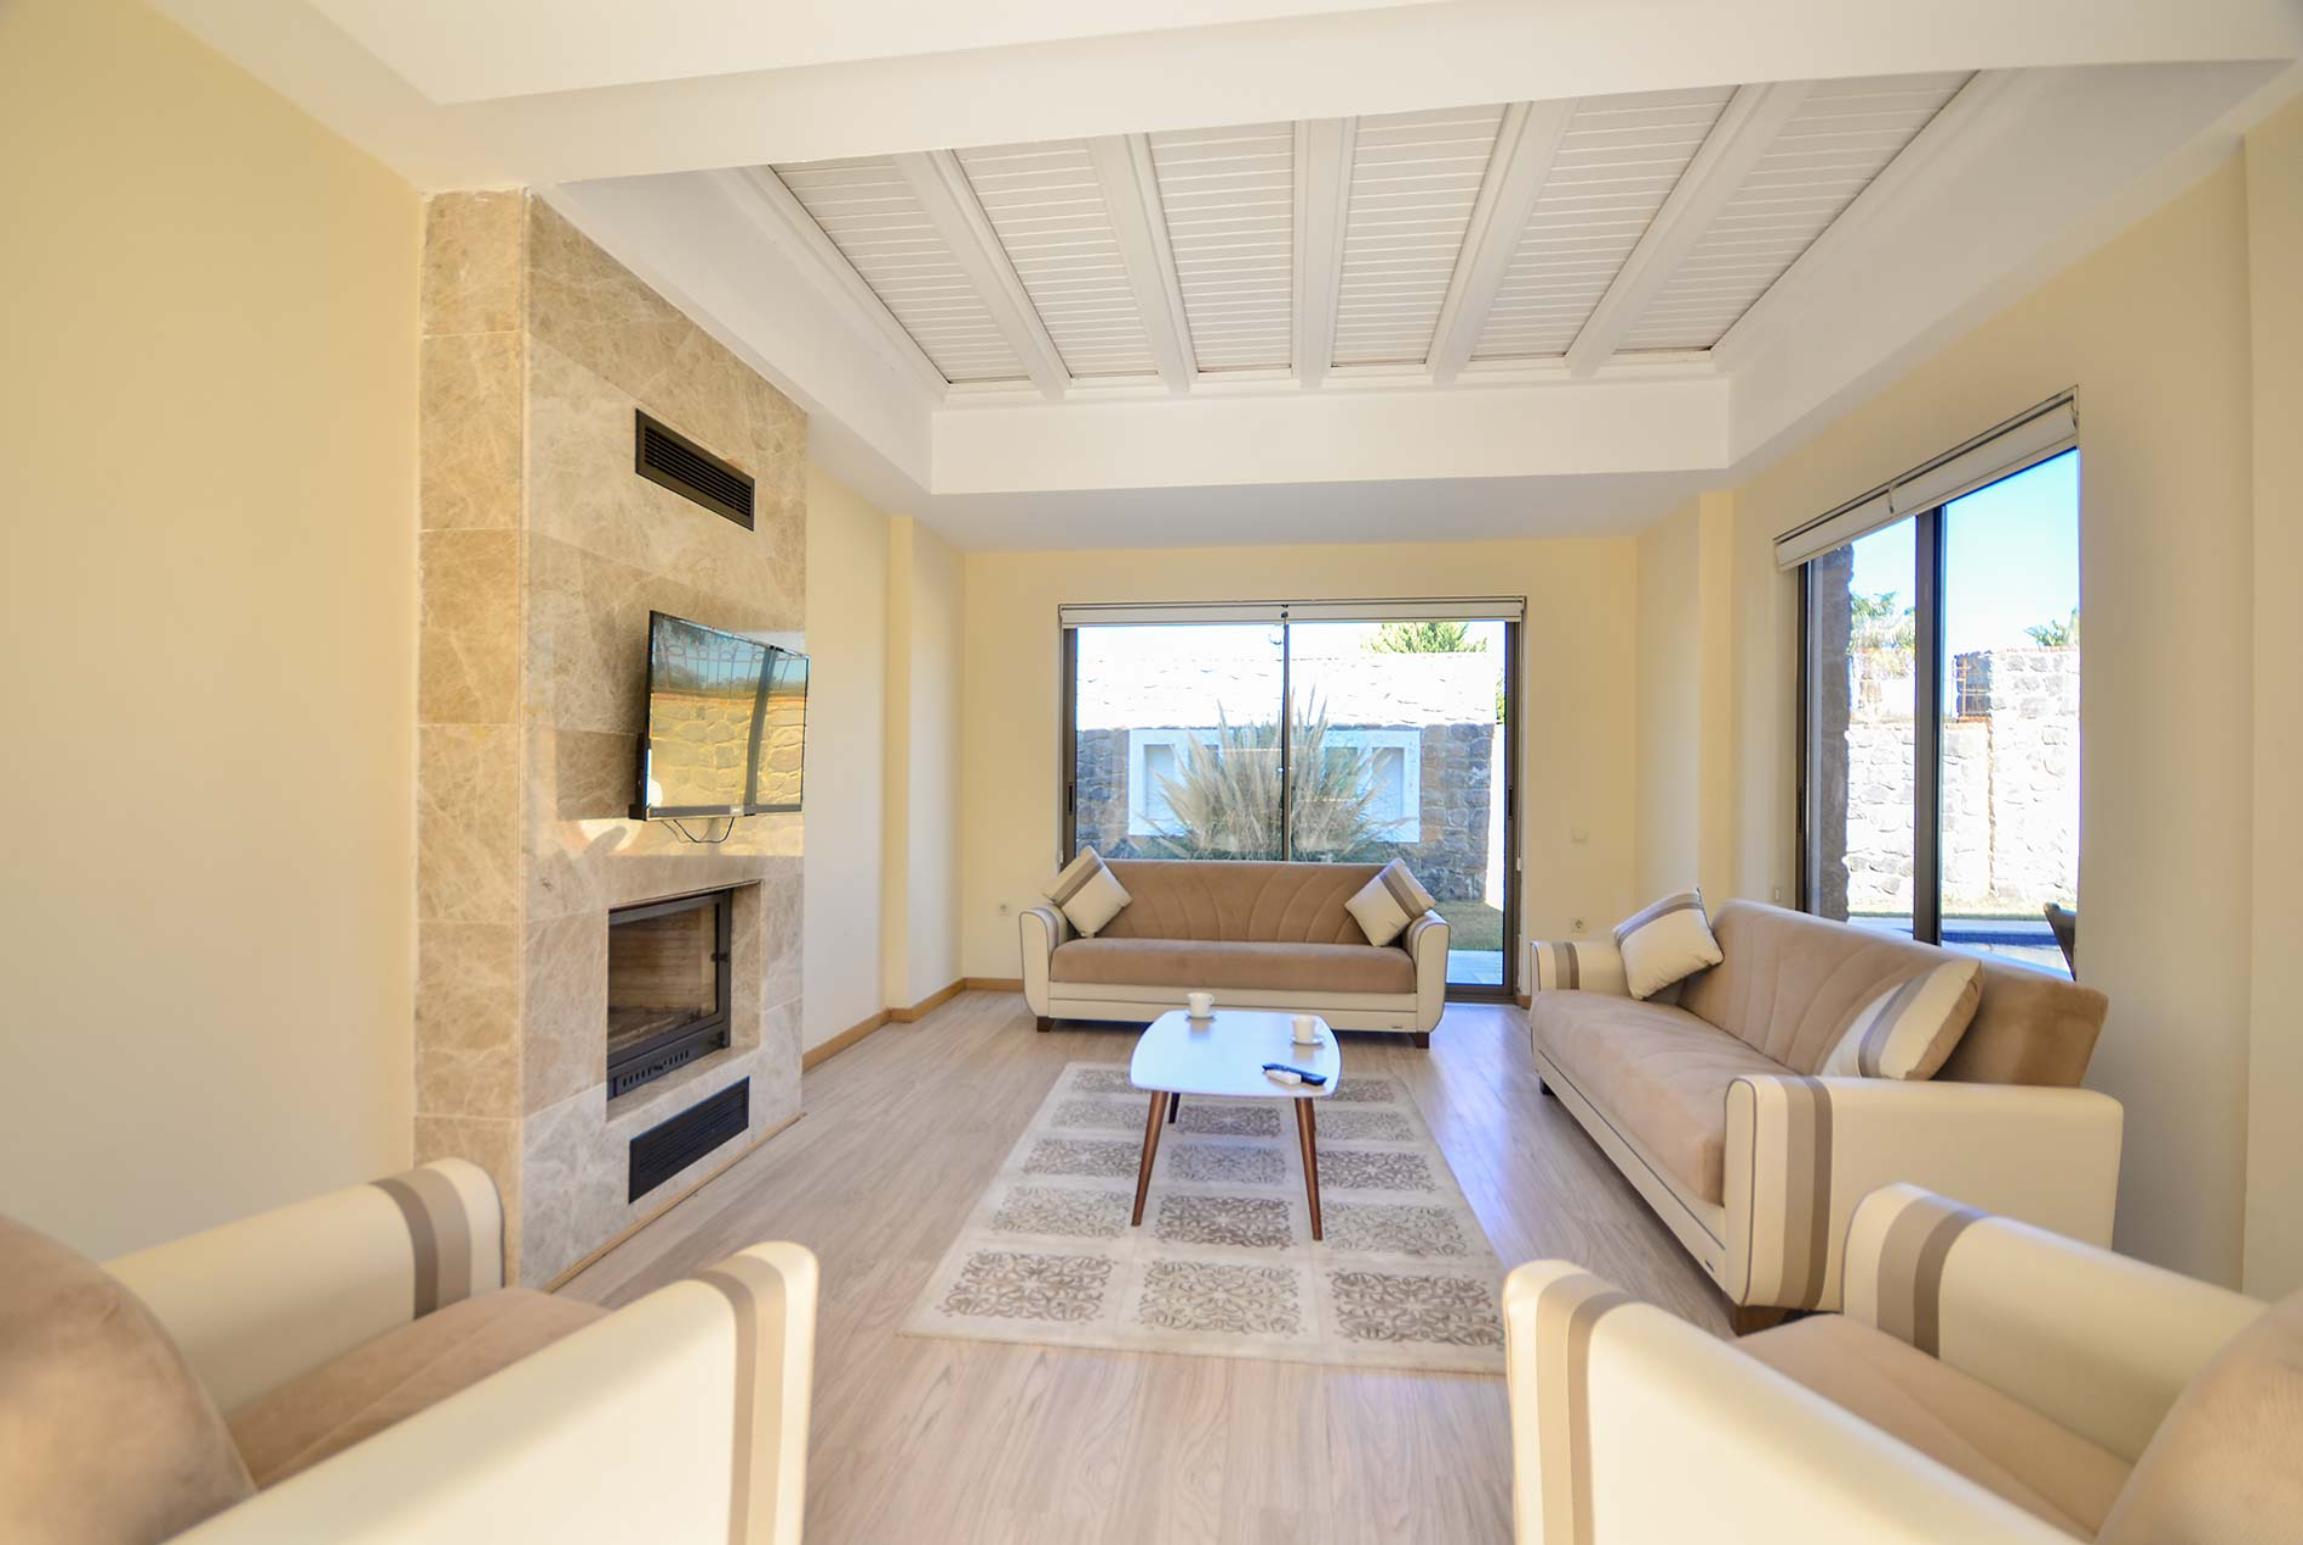 Ferienhaus Zehra (2744580), Torba, , Ägäisregion, Türkei, Bild 12